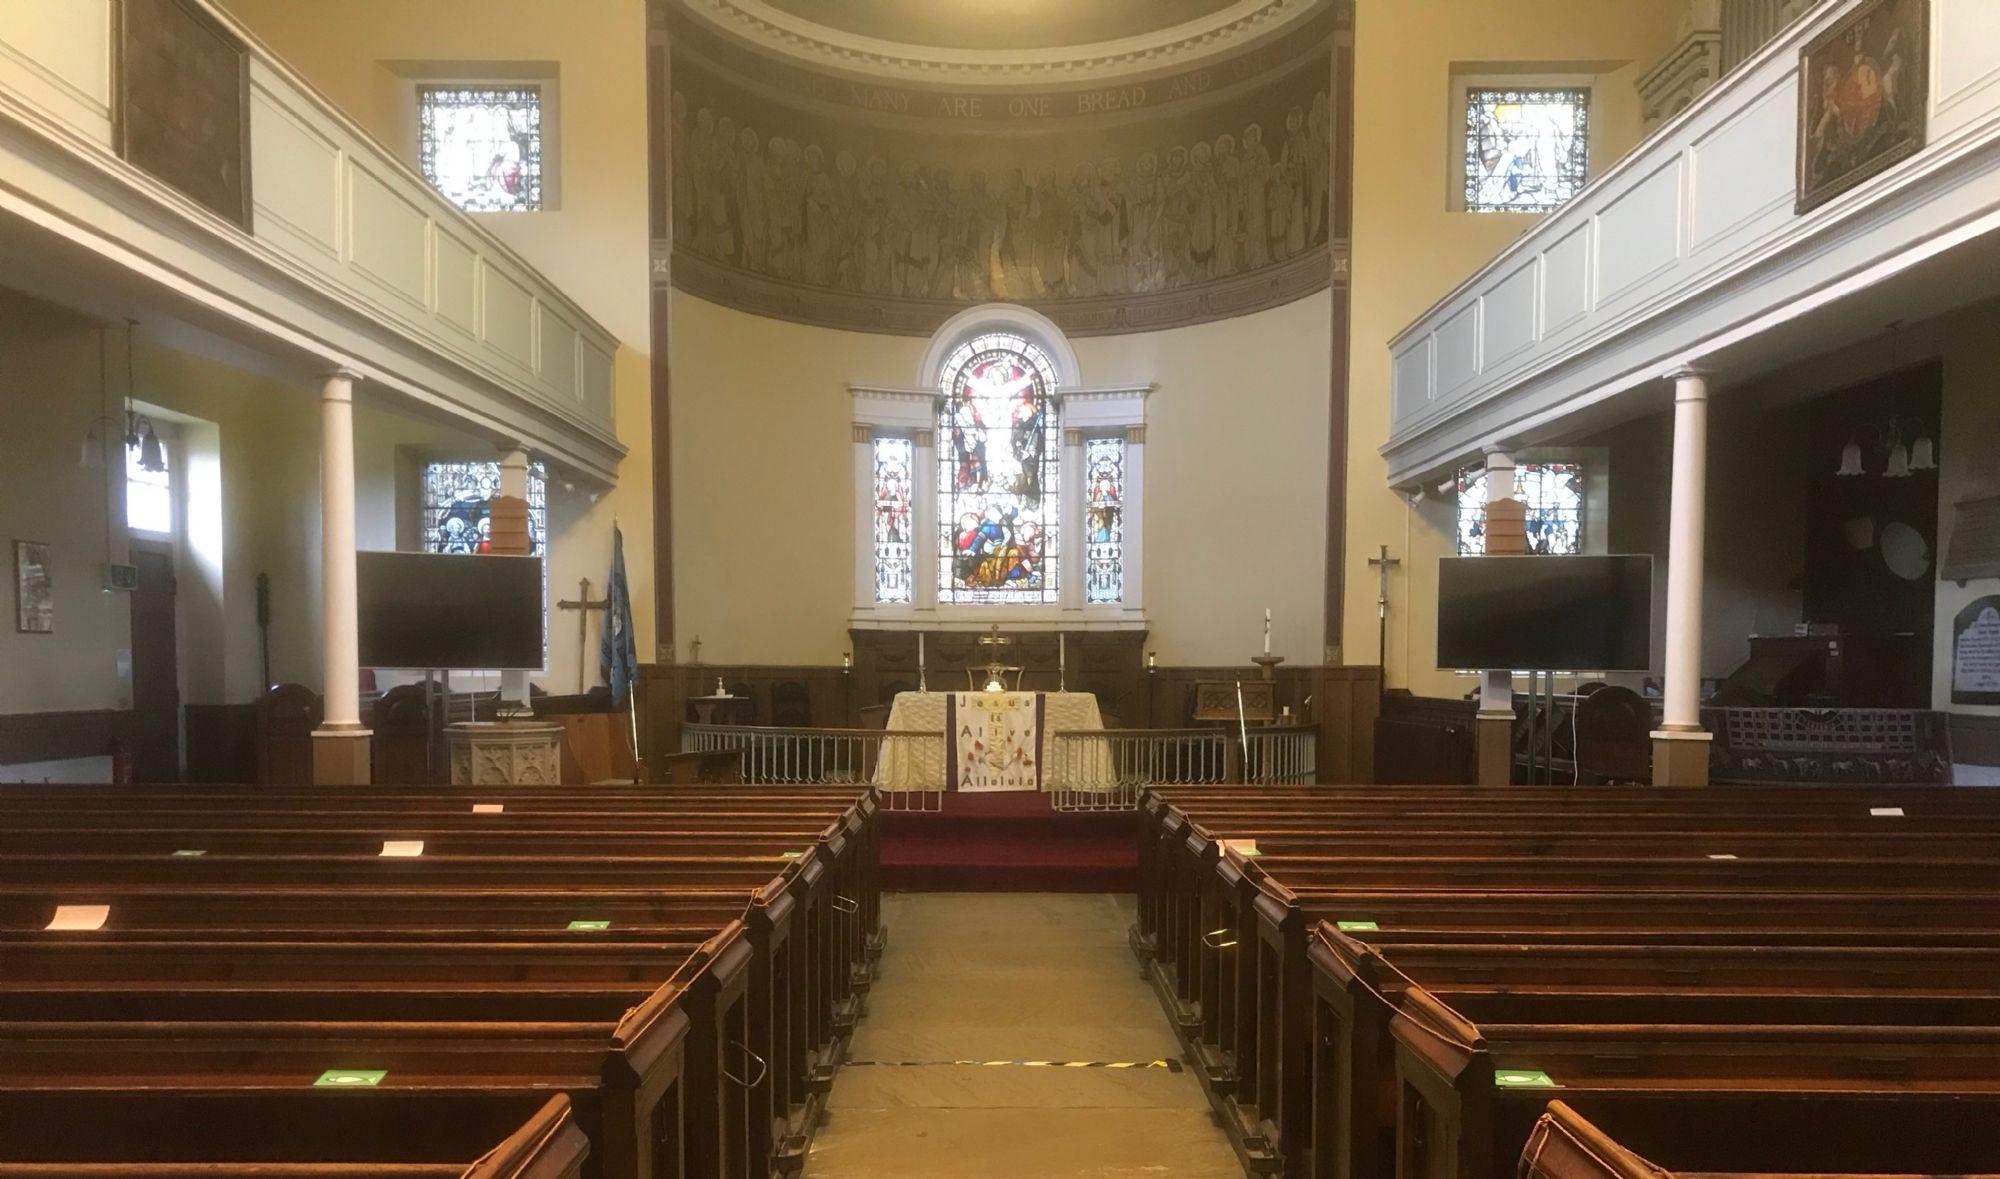 St Matthew's Interior 2 March 2021